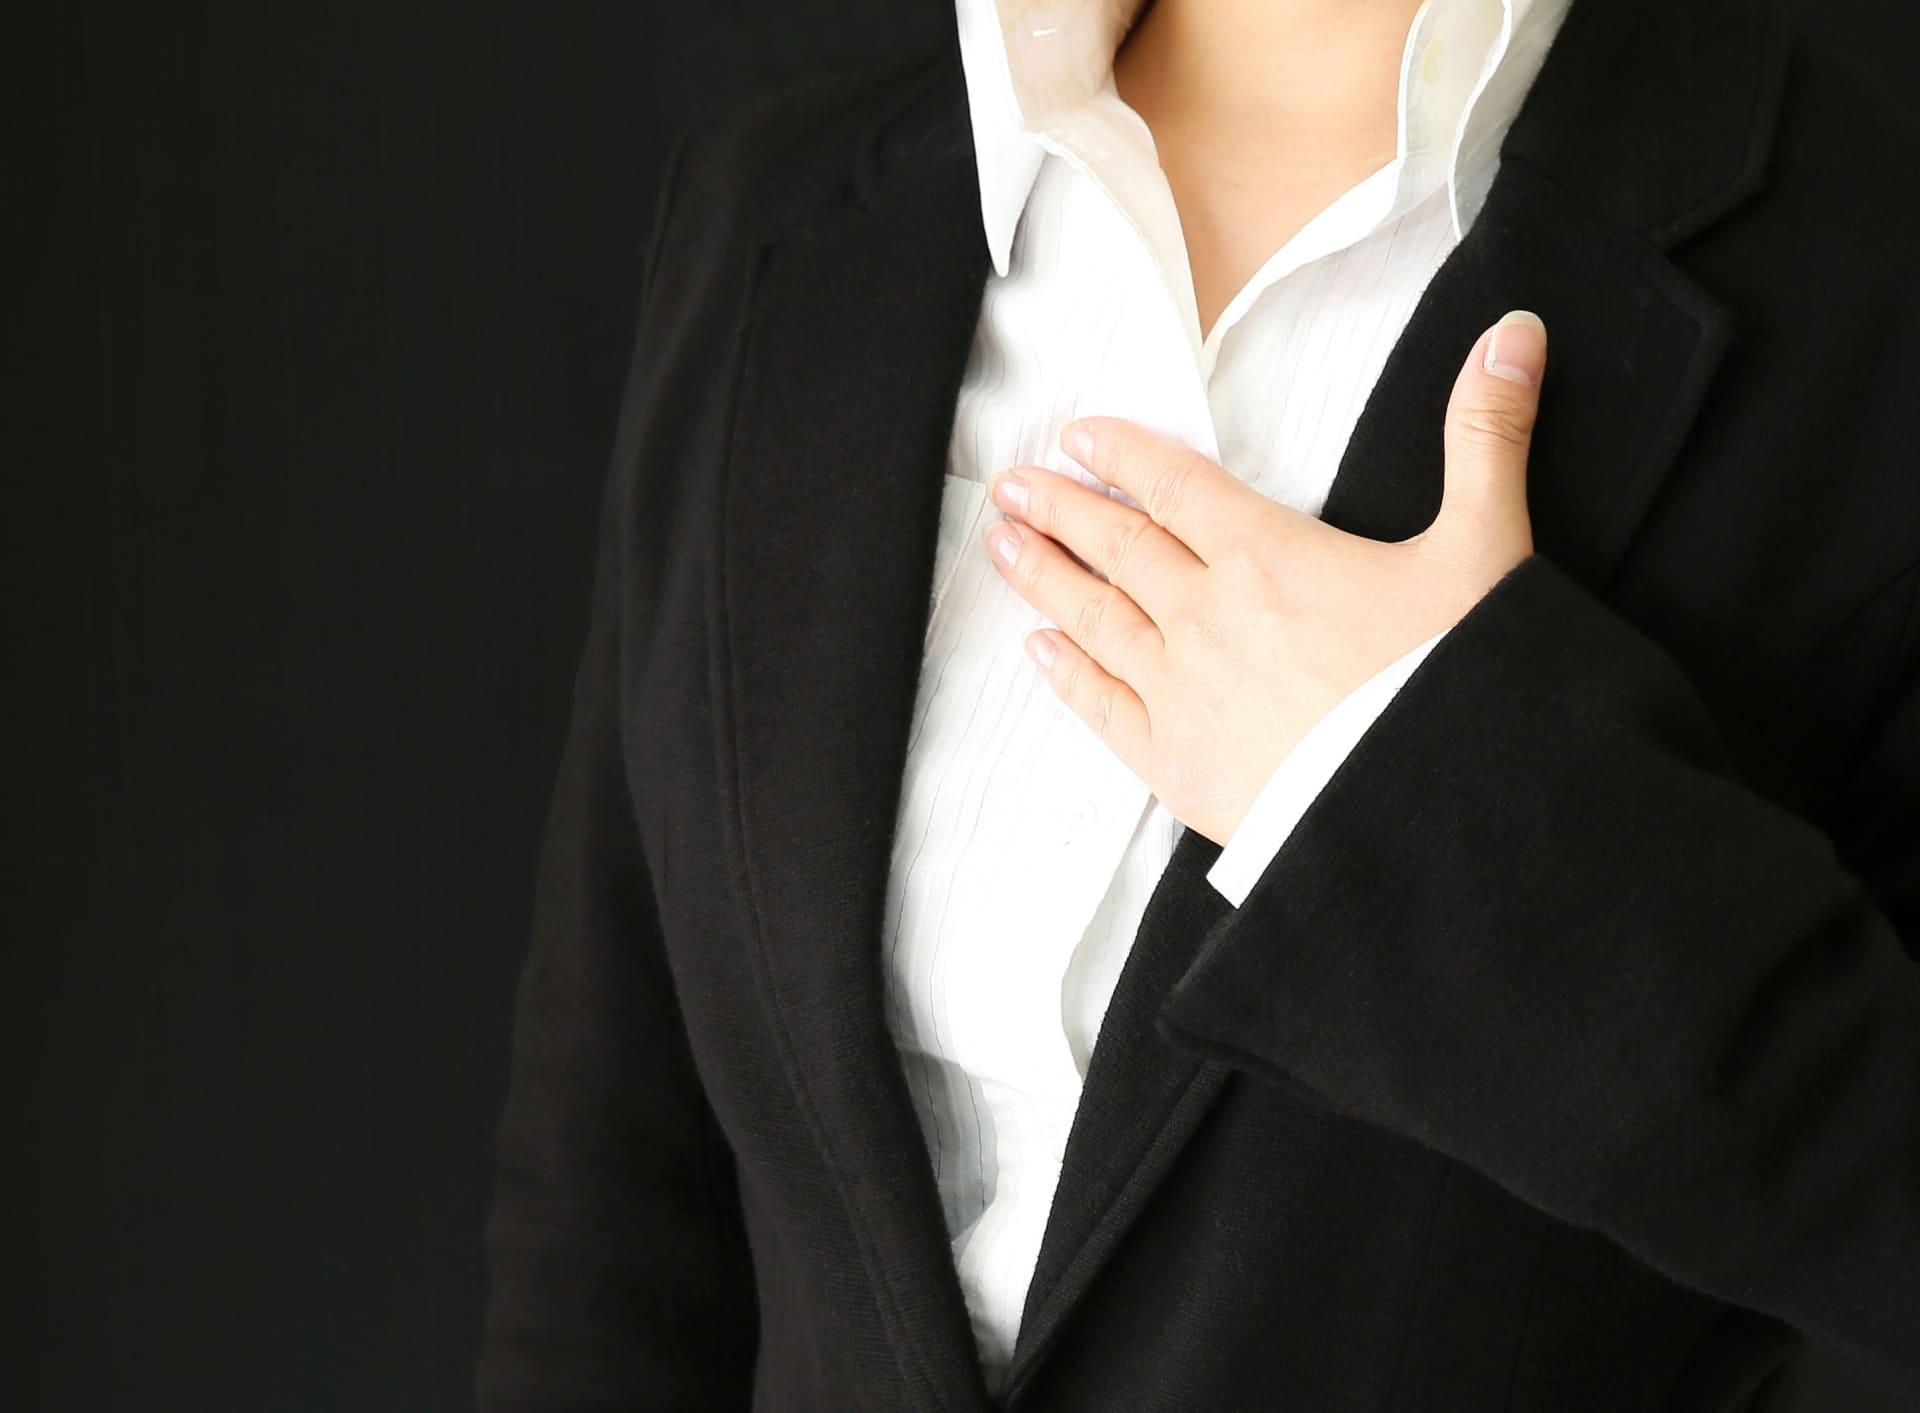 女性のスーツ姿